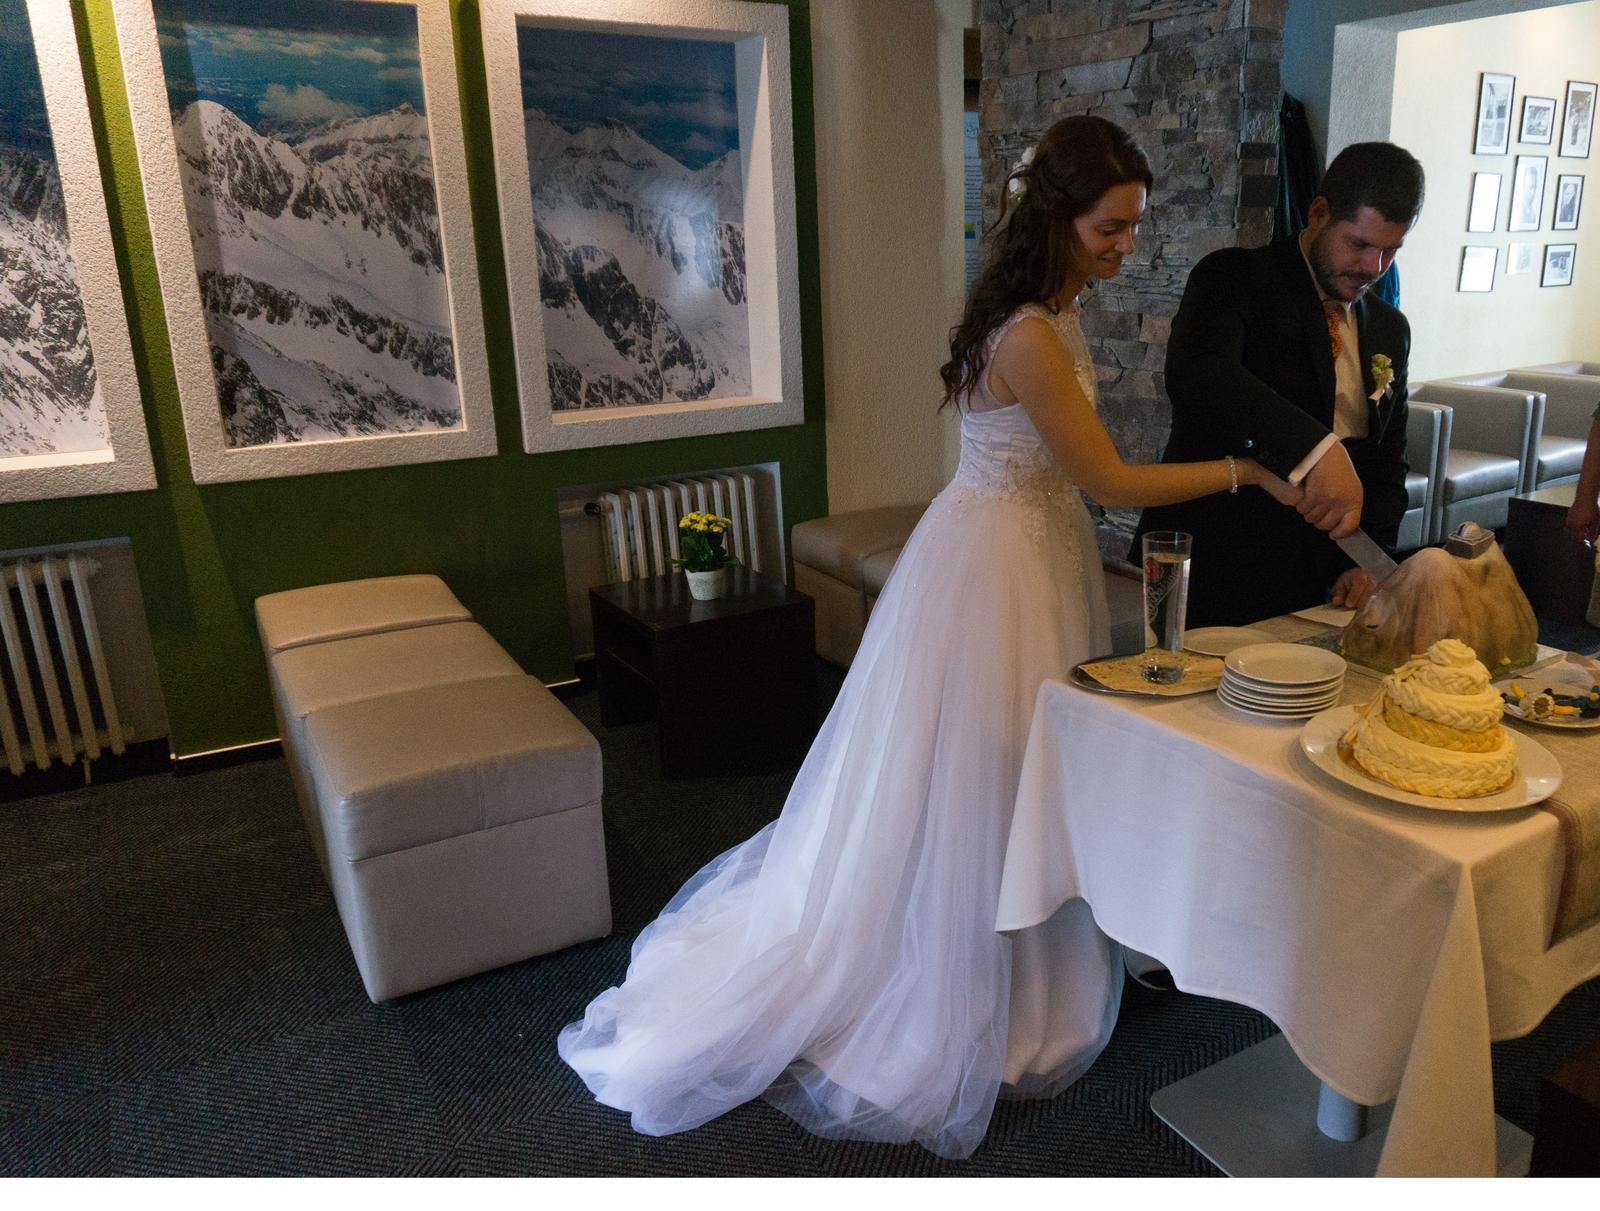 Zimná svadba keď je... - Obrázok č. 4